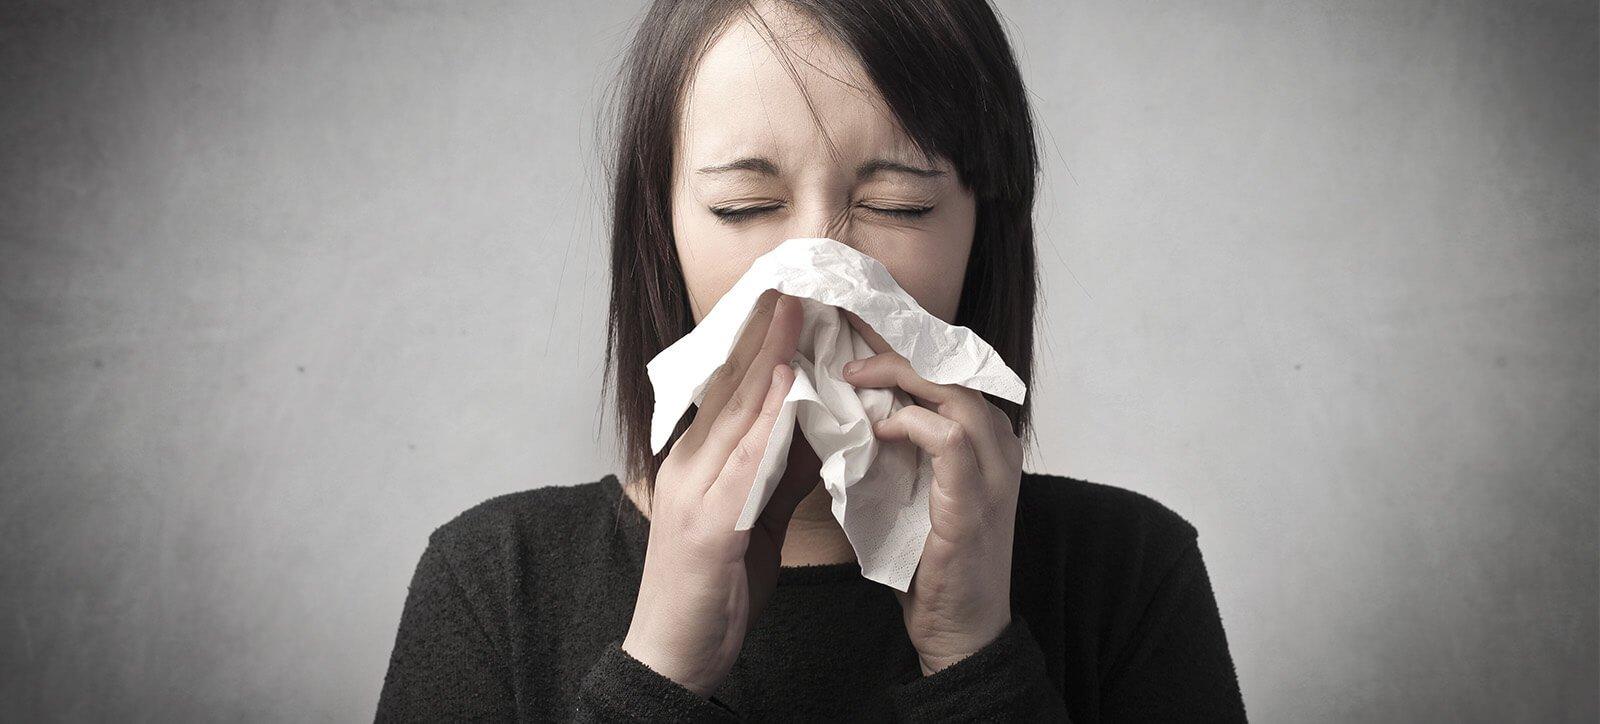 факты цвет носовой слизи расскажет вашем здоровье